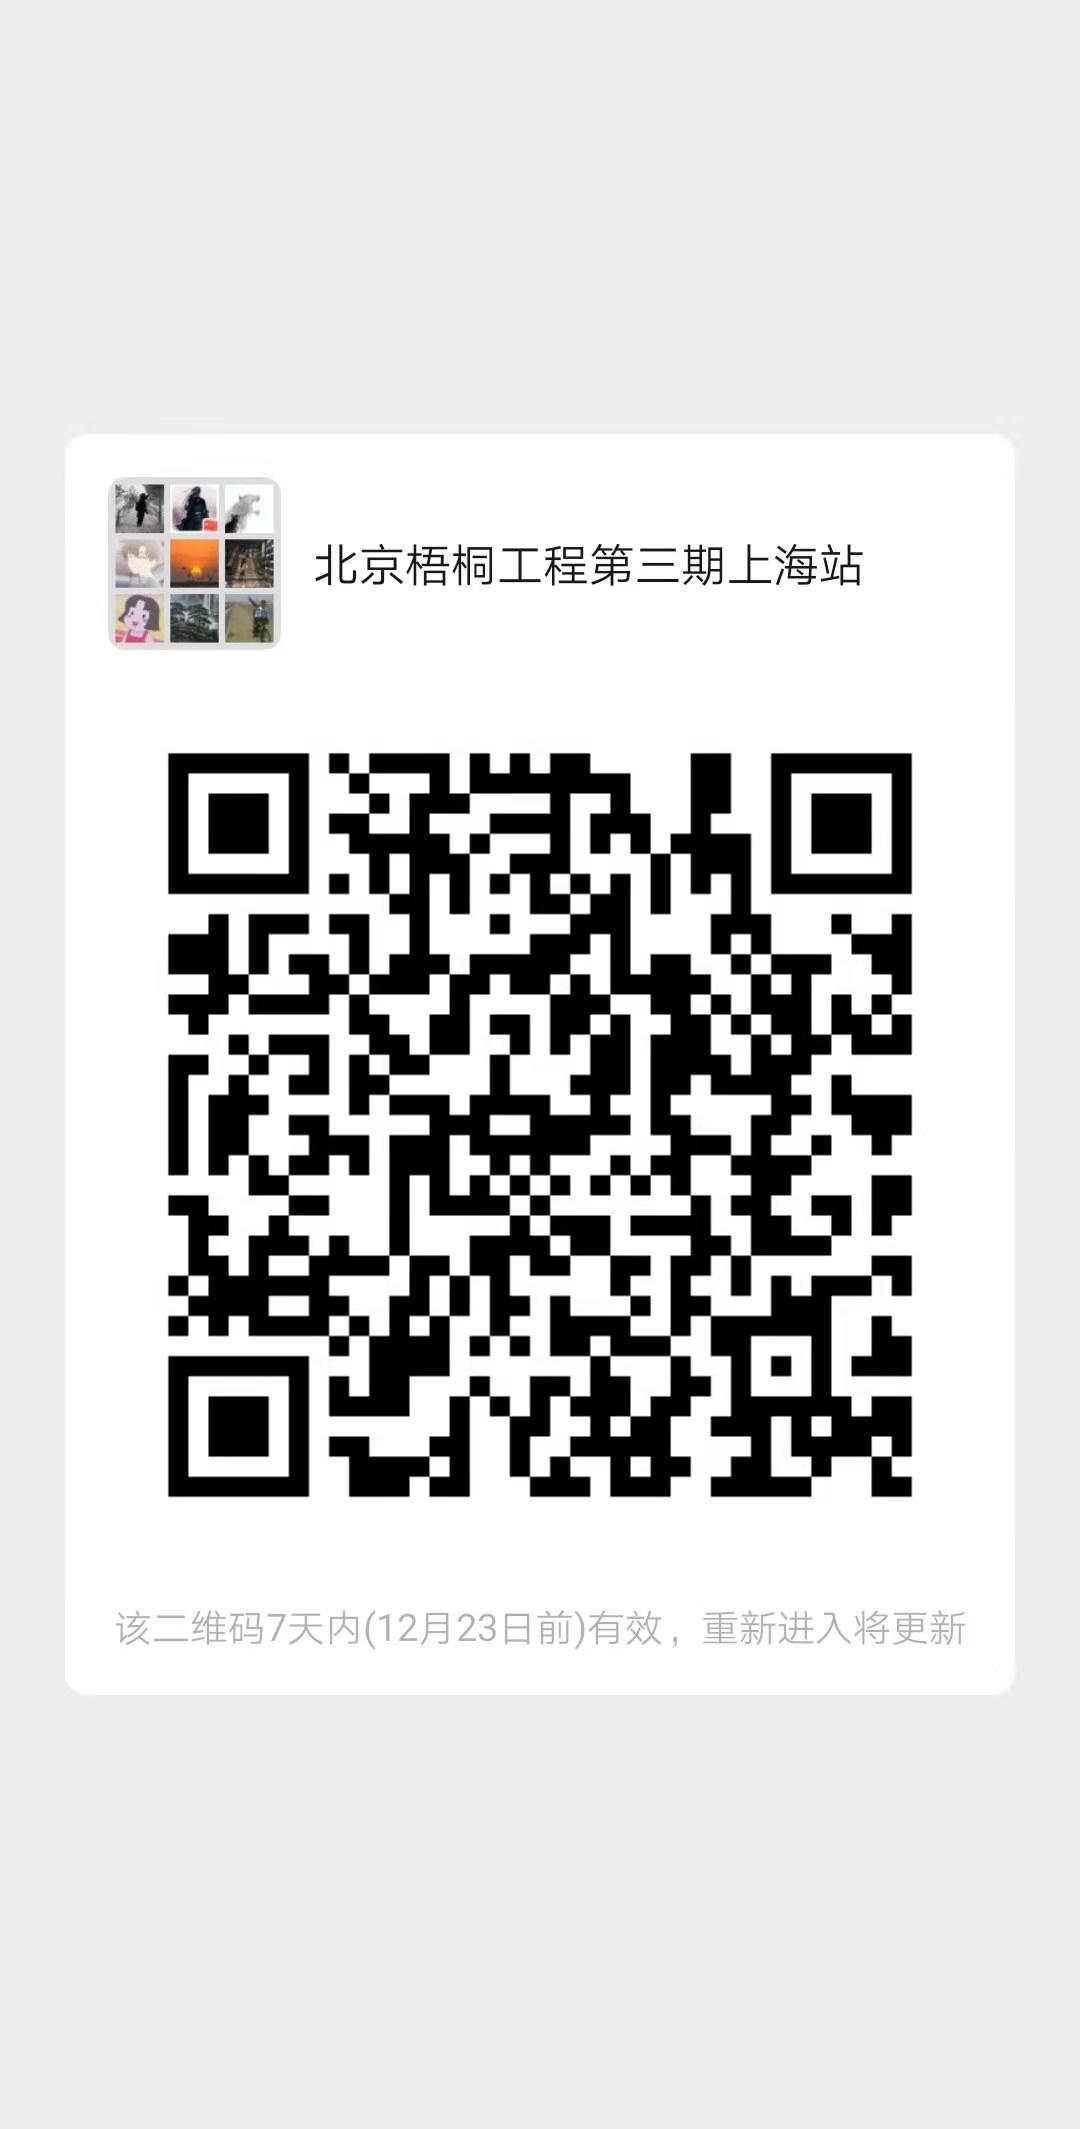 微信图片_20191216104922.jpg